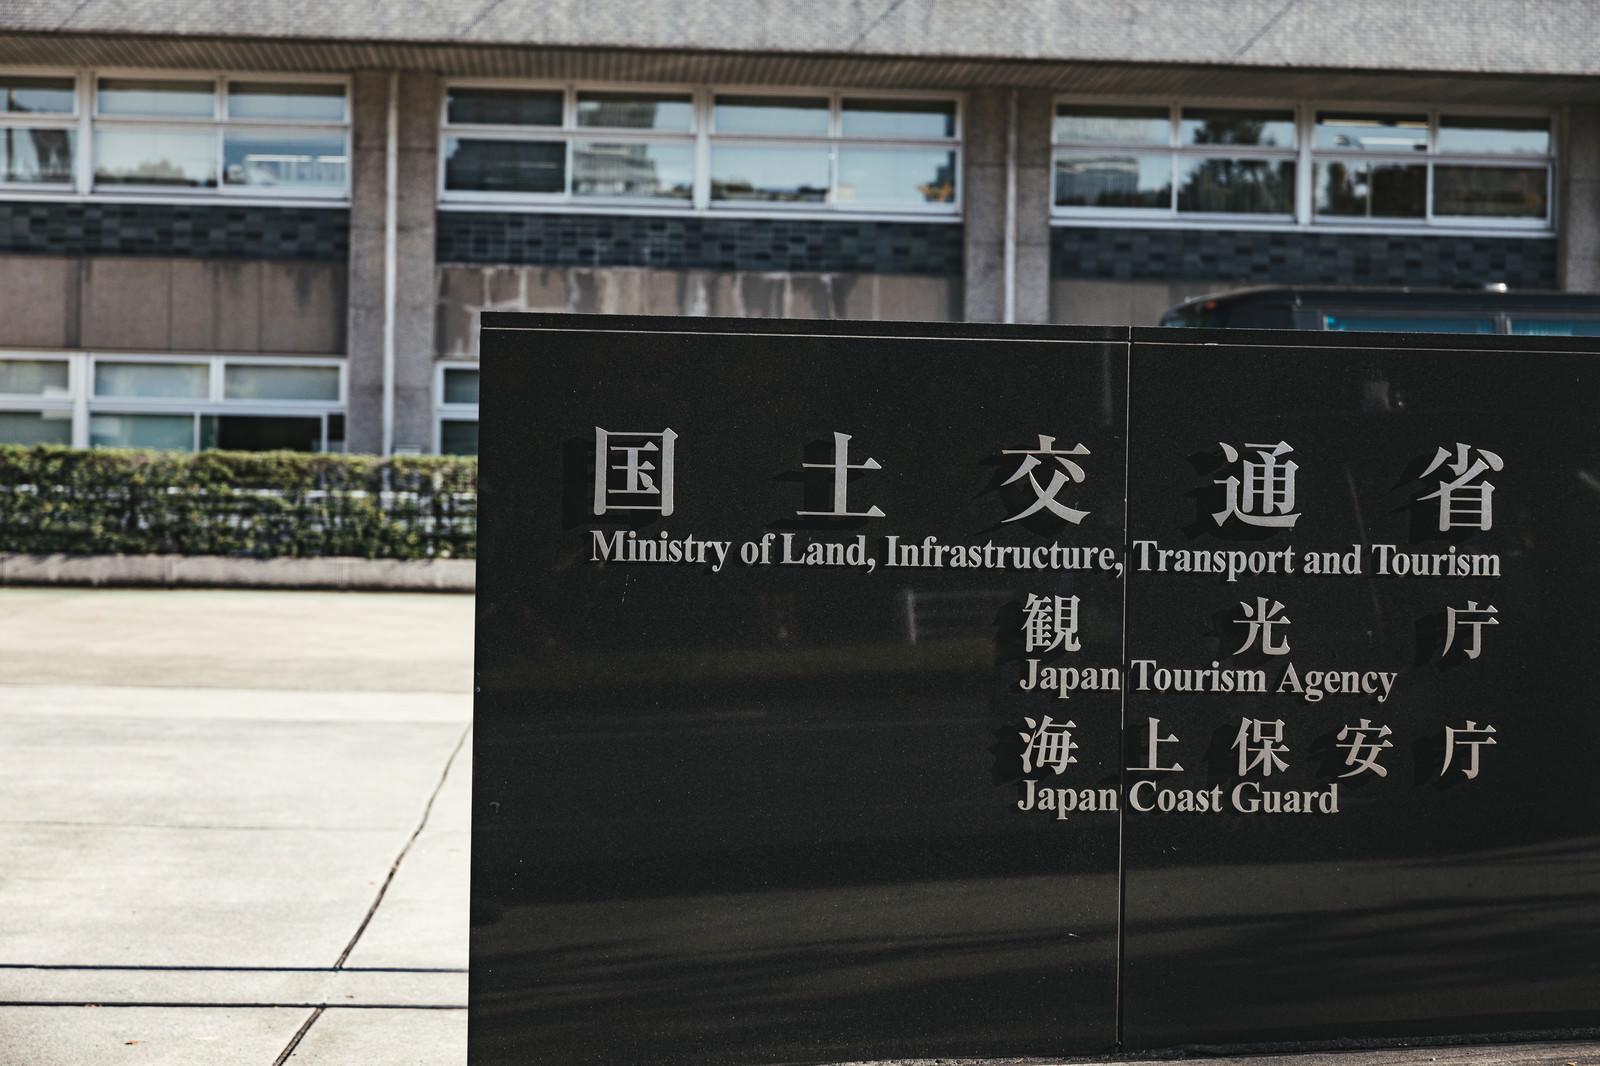 国土交通省と官公庁、海上保安庁の銘板のフリー素材